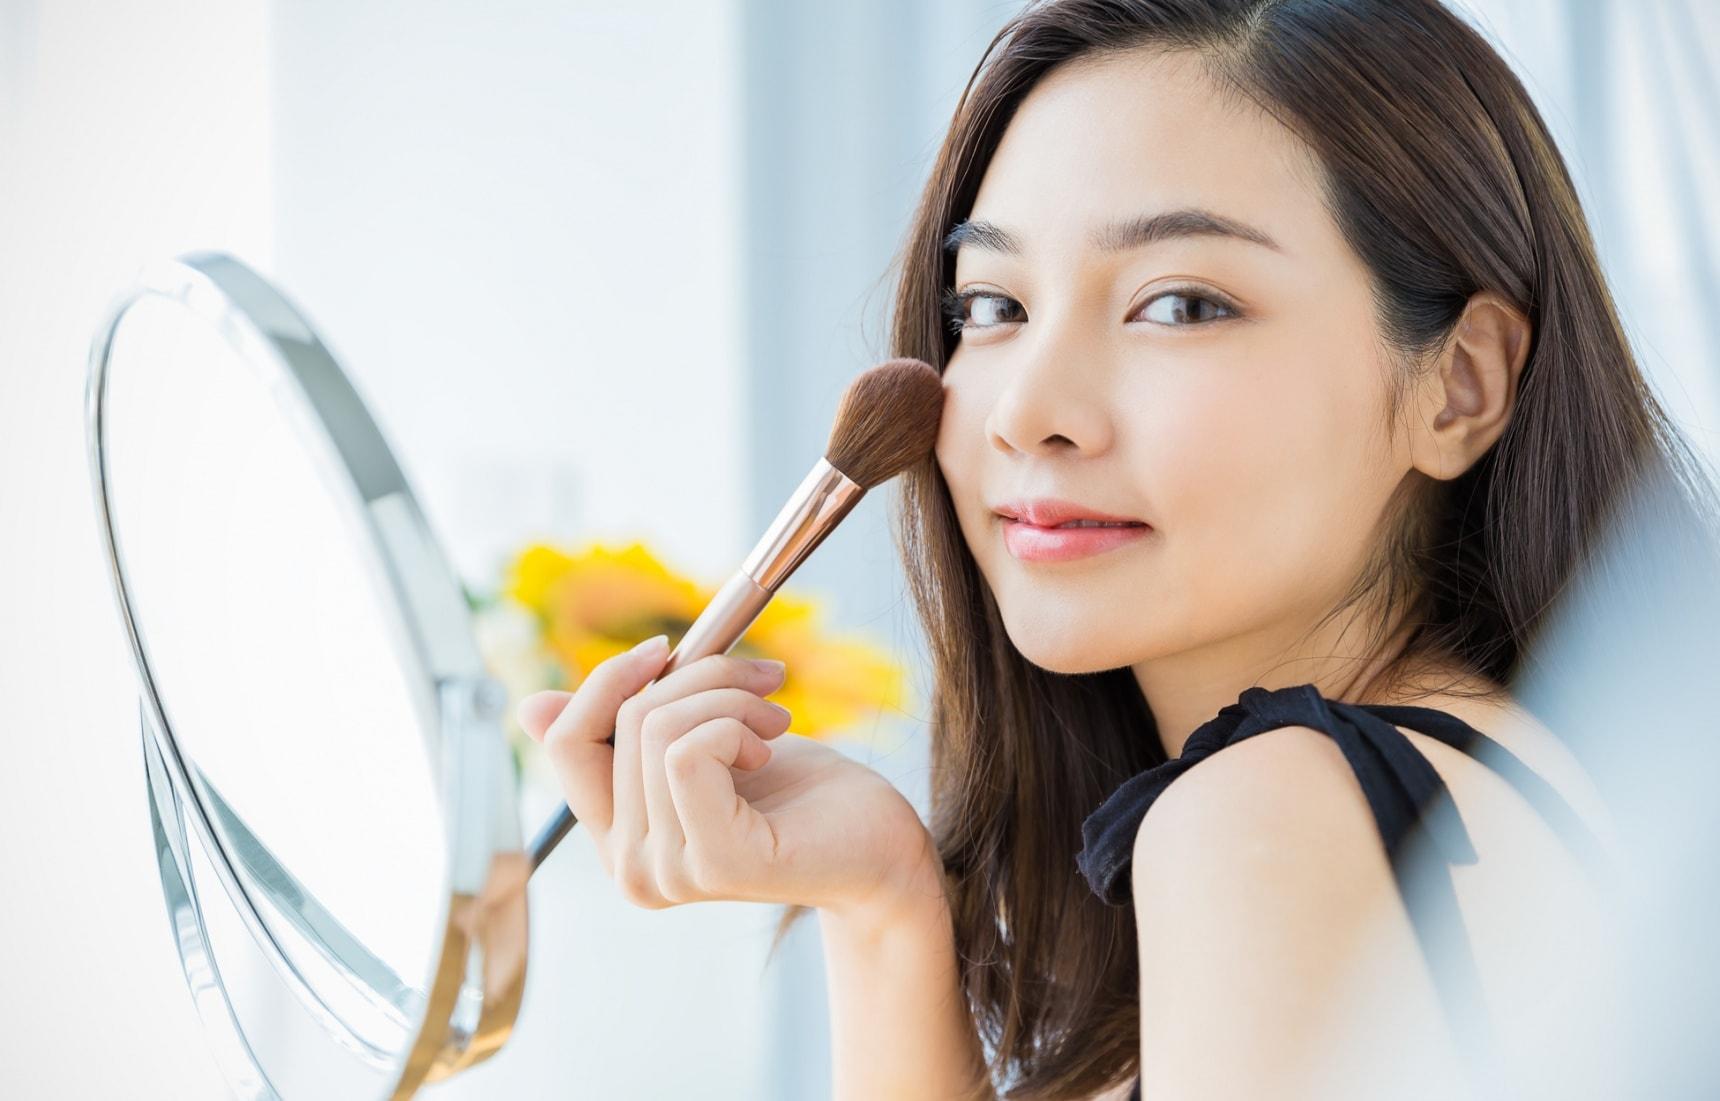 日本美妆:品牌太多?颜色太全?最权威腮红选择攻略奉上!(附2021日本人气开架腮红排行)